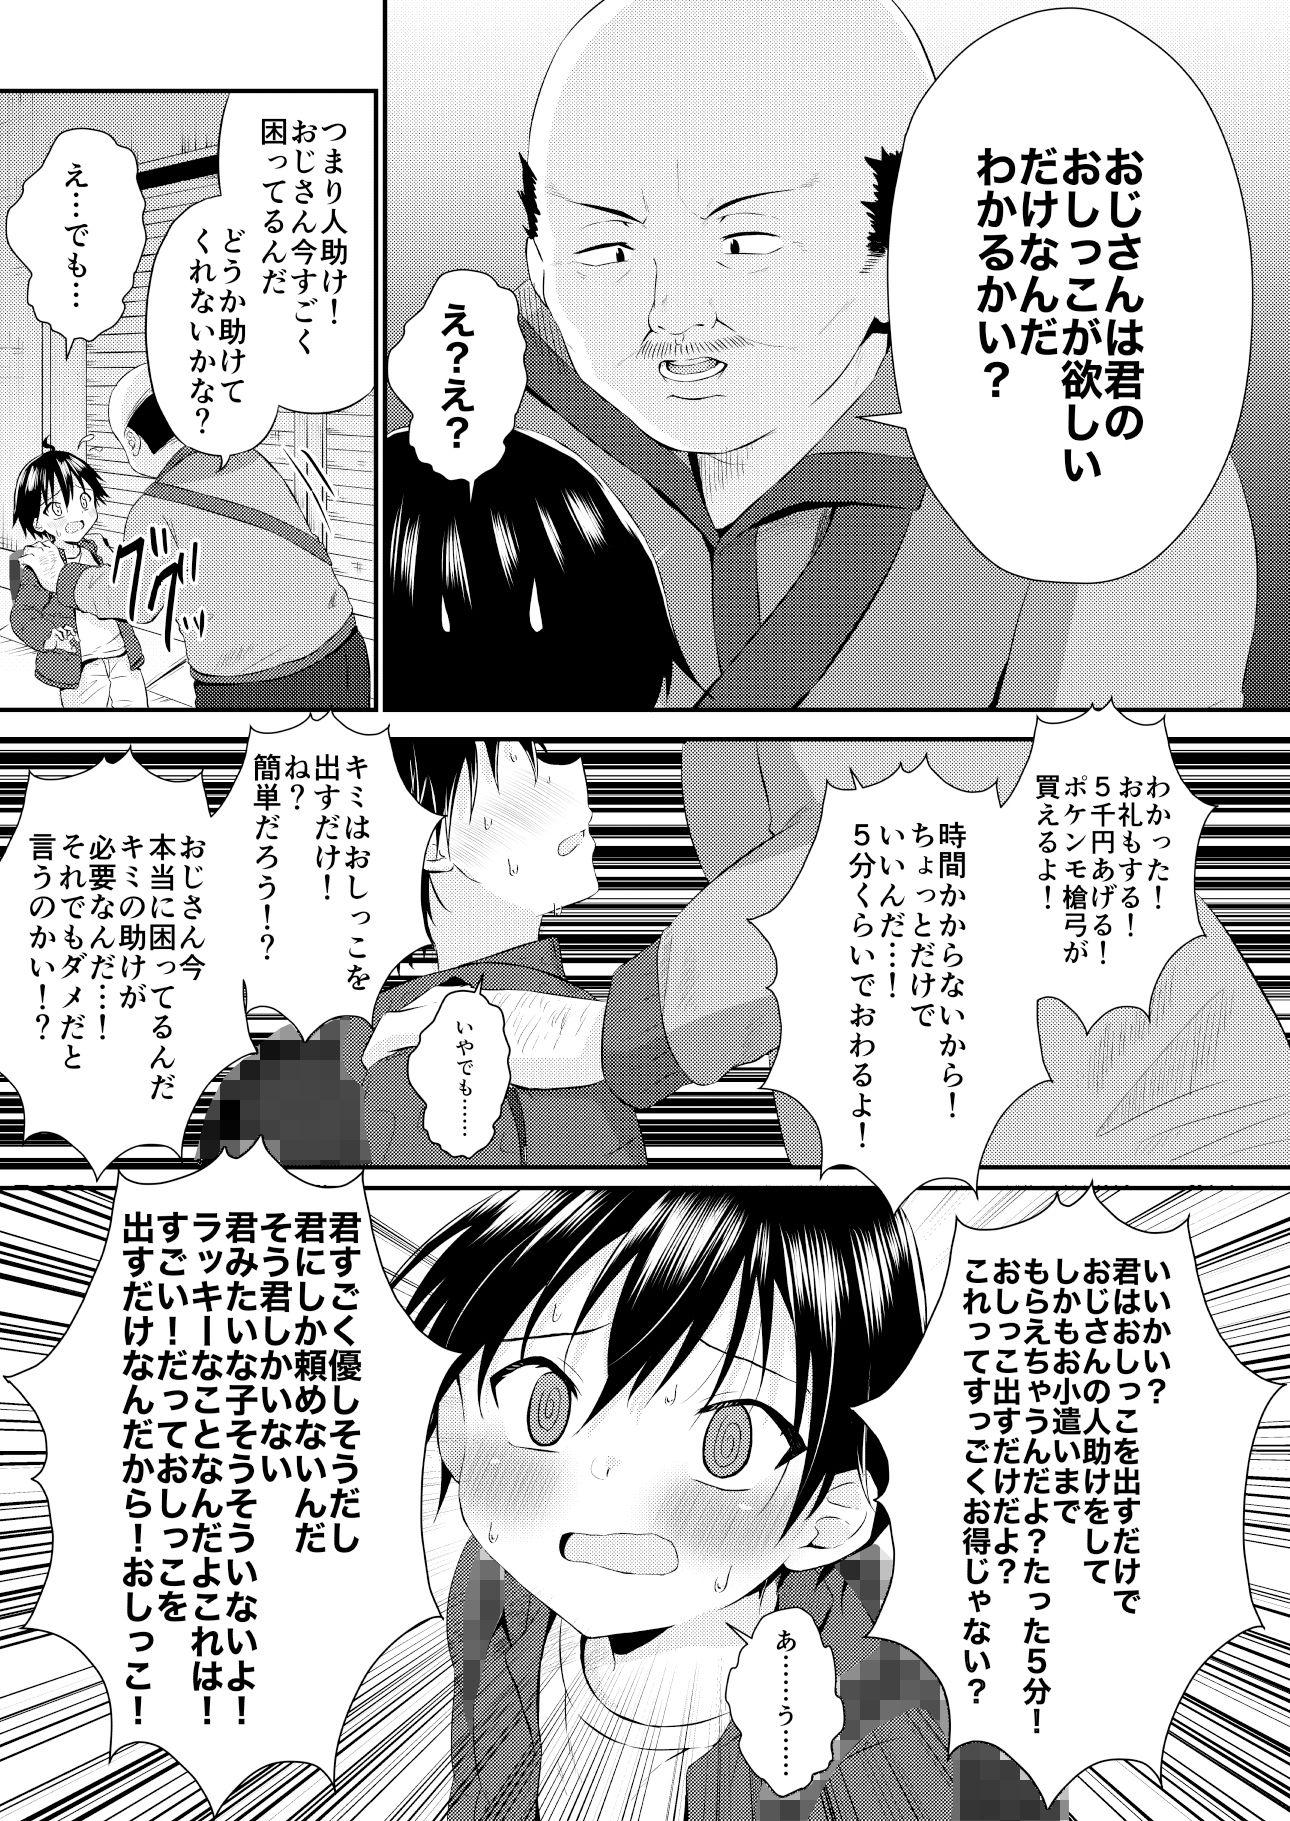 【ぺこ連盟 同人】道で出会った少年のおしっこちょうだい!